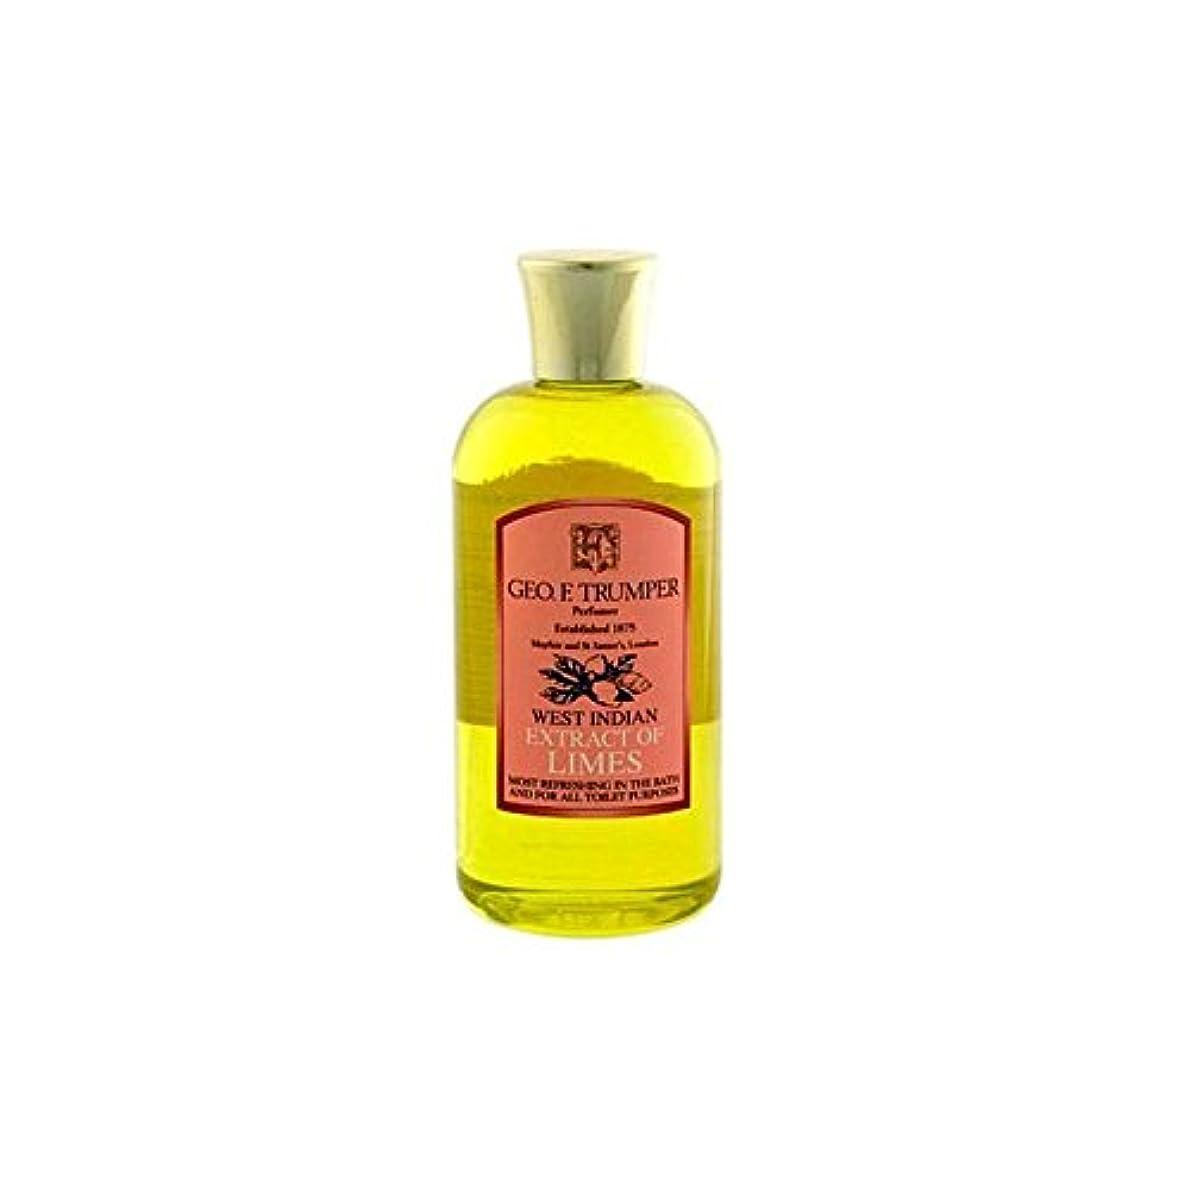 抵抗する王室とTrumpers Extracts of Limes Bath and Shower Gel 200ml - ライムのバスタブとシャワージェル200の抽出物を [並行輸入品]